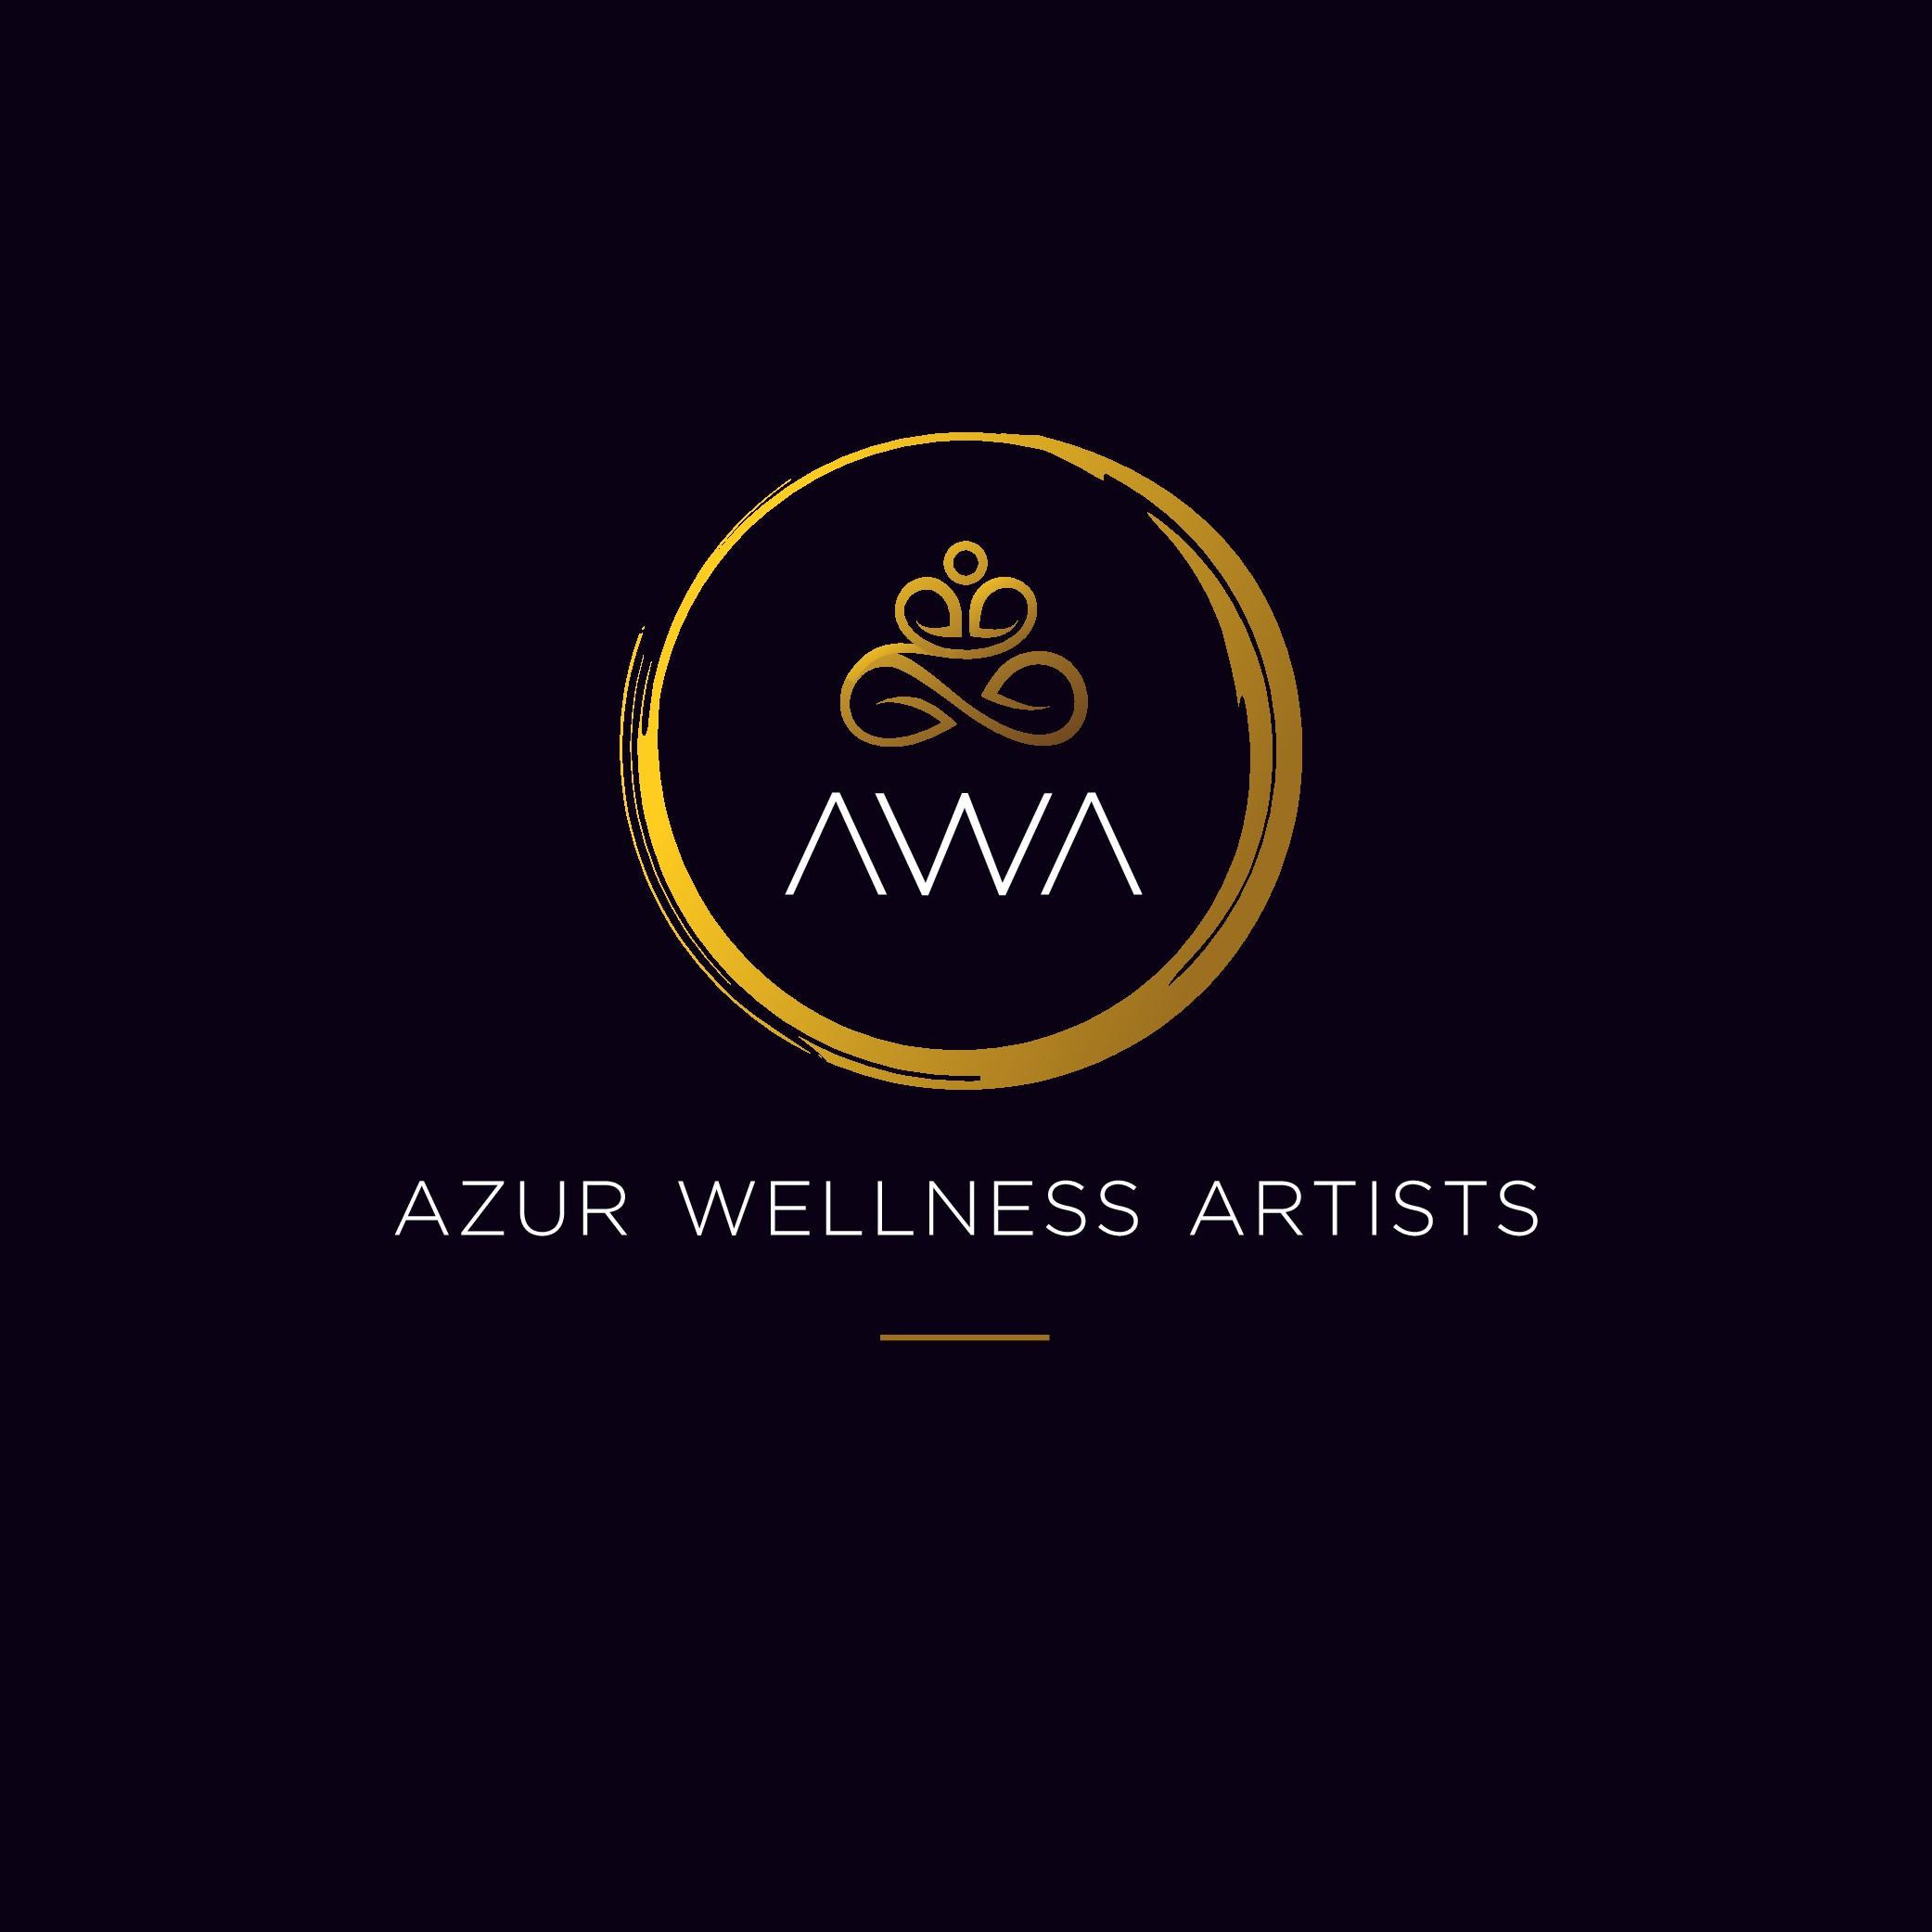 AWA azur wellness artists